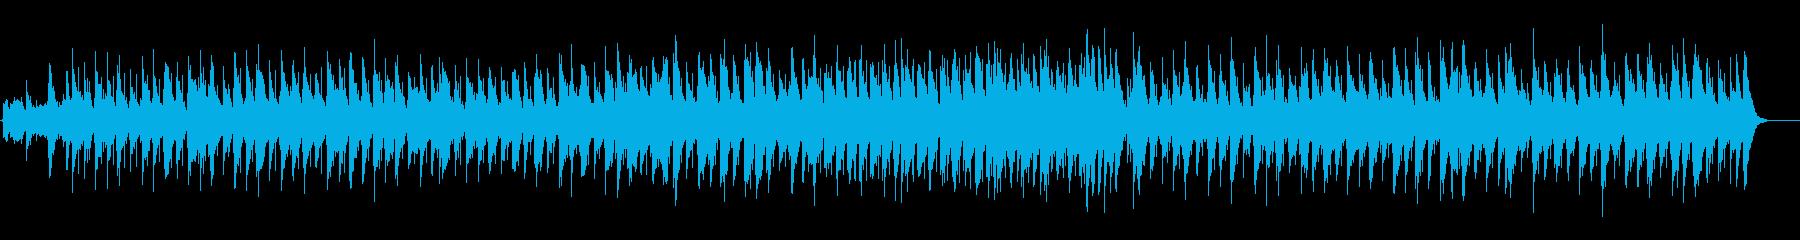 起伏を抑えたシンプルなアコースティックの再生済みの波形